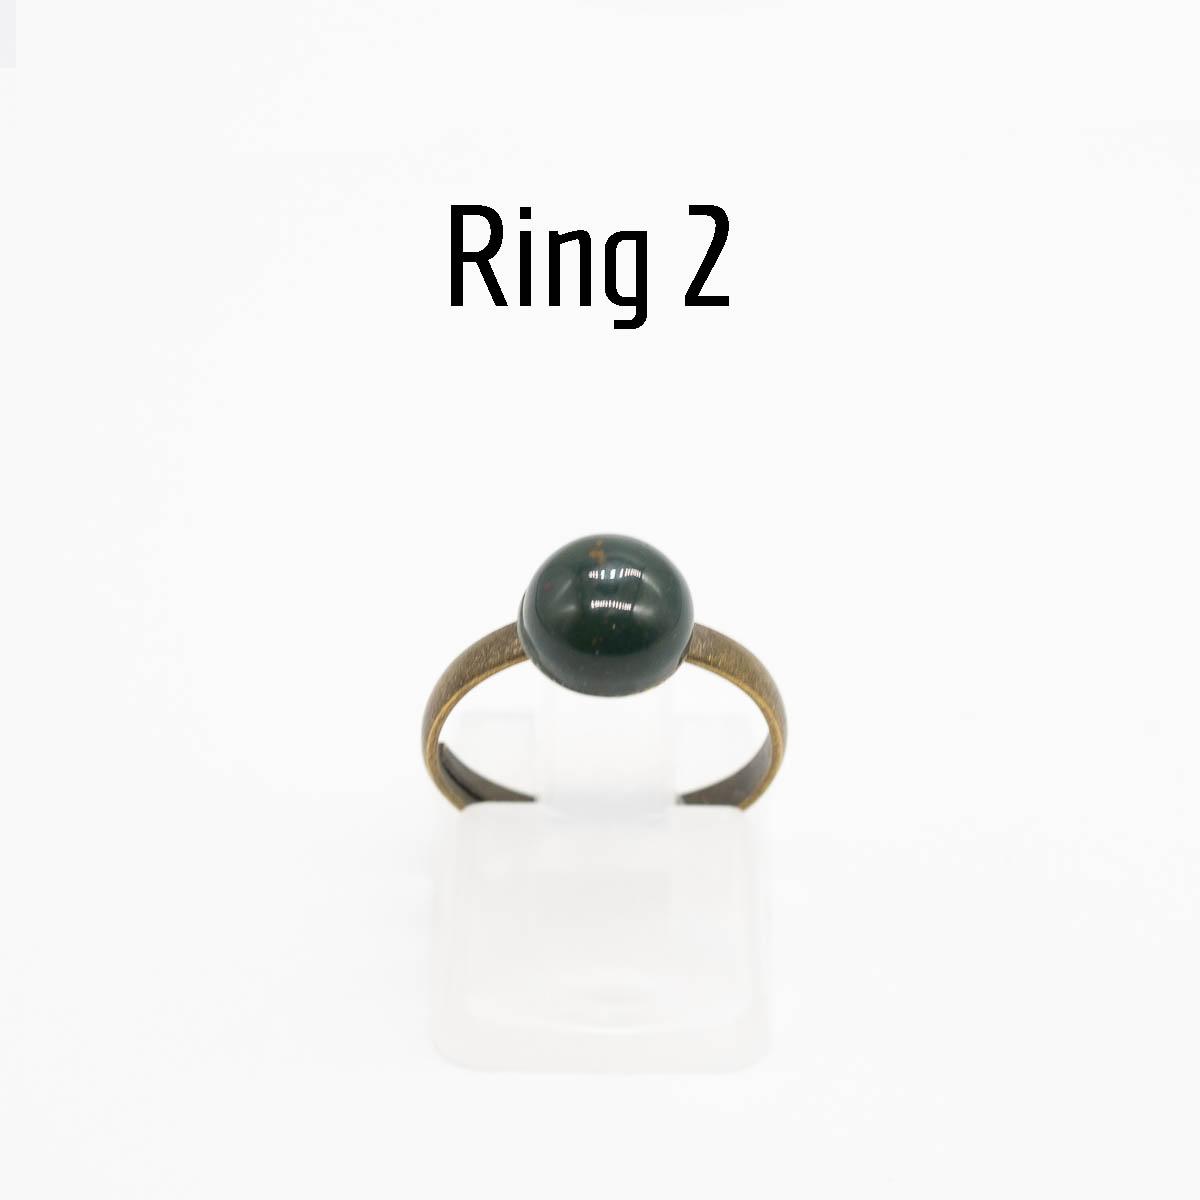 RNG-019 groene jaspis ring type 2